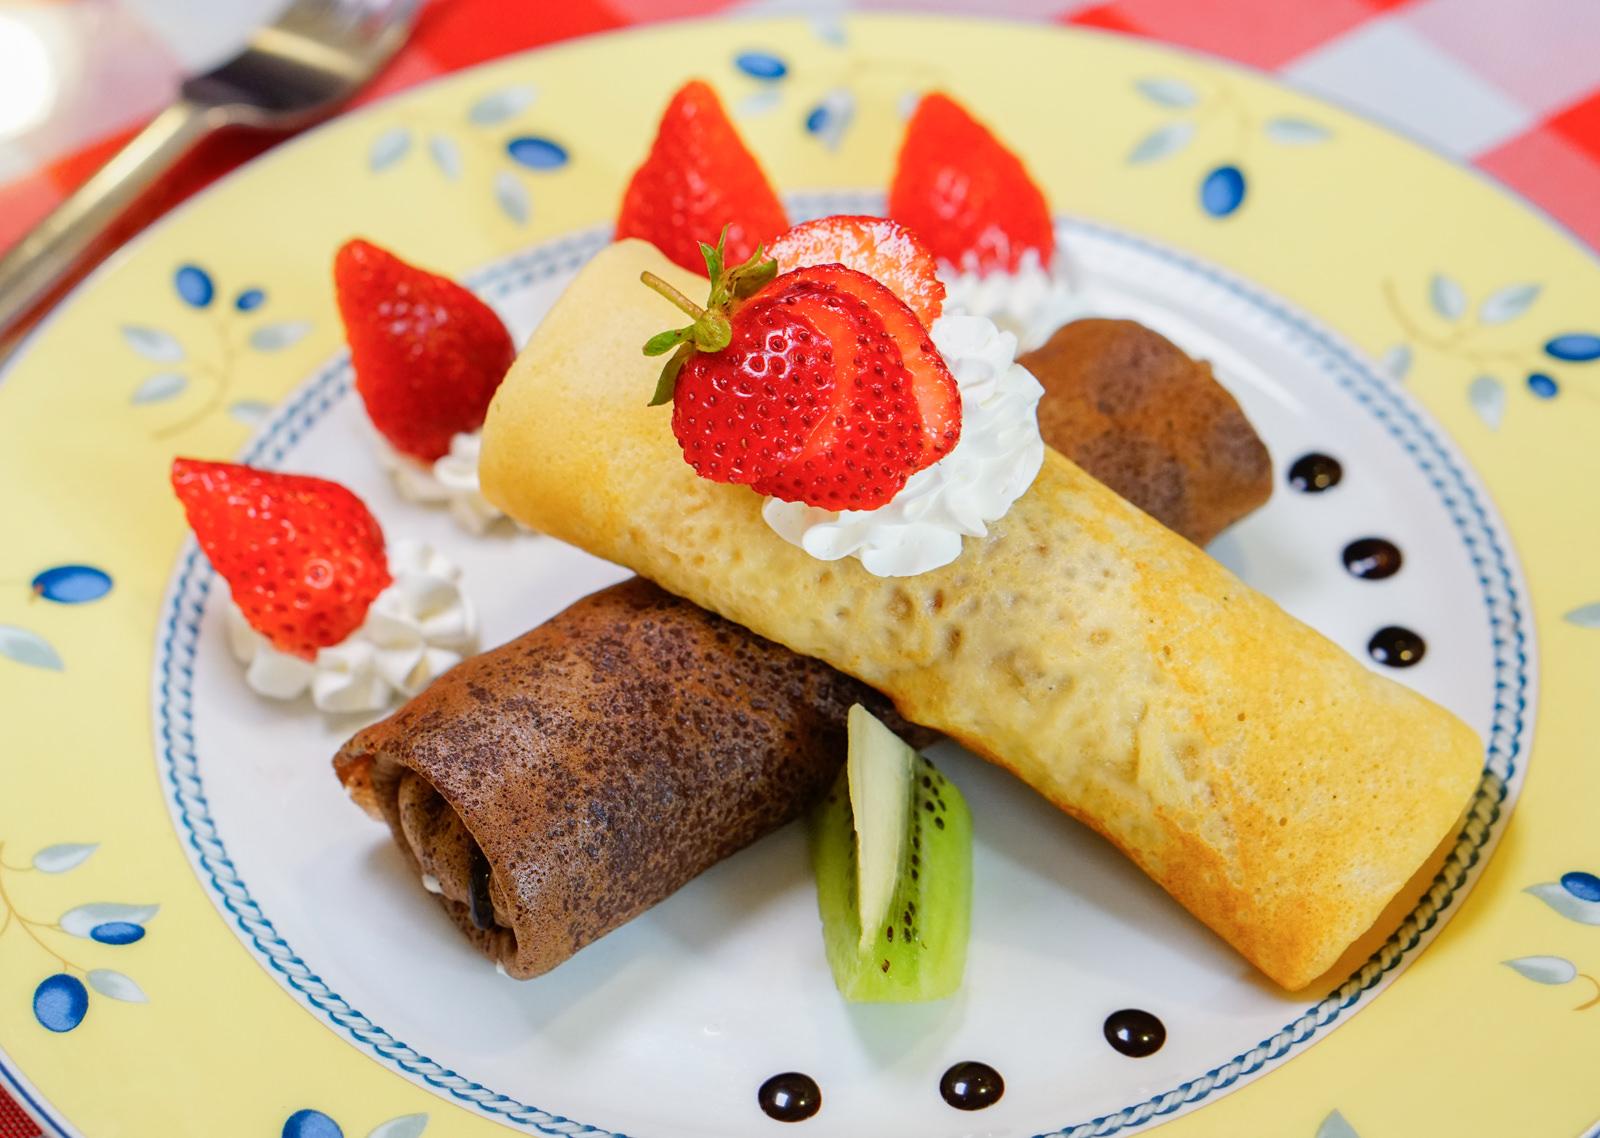 [高雄]Chez Alexandre亞力的家法式薄餅小館-冬季限定!草莓巧克力法式薄餅 正統法式餅皮 高雄下午茶推薦